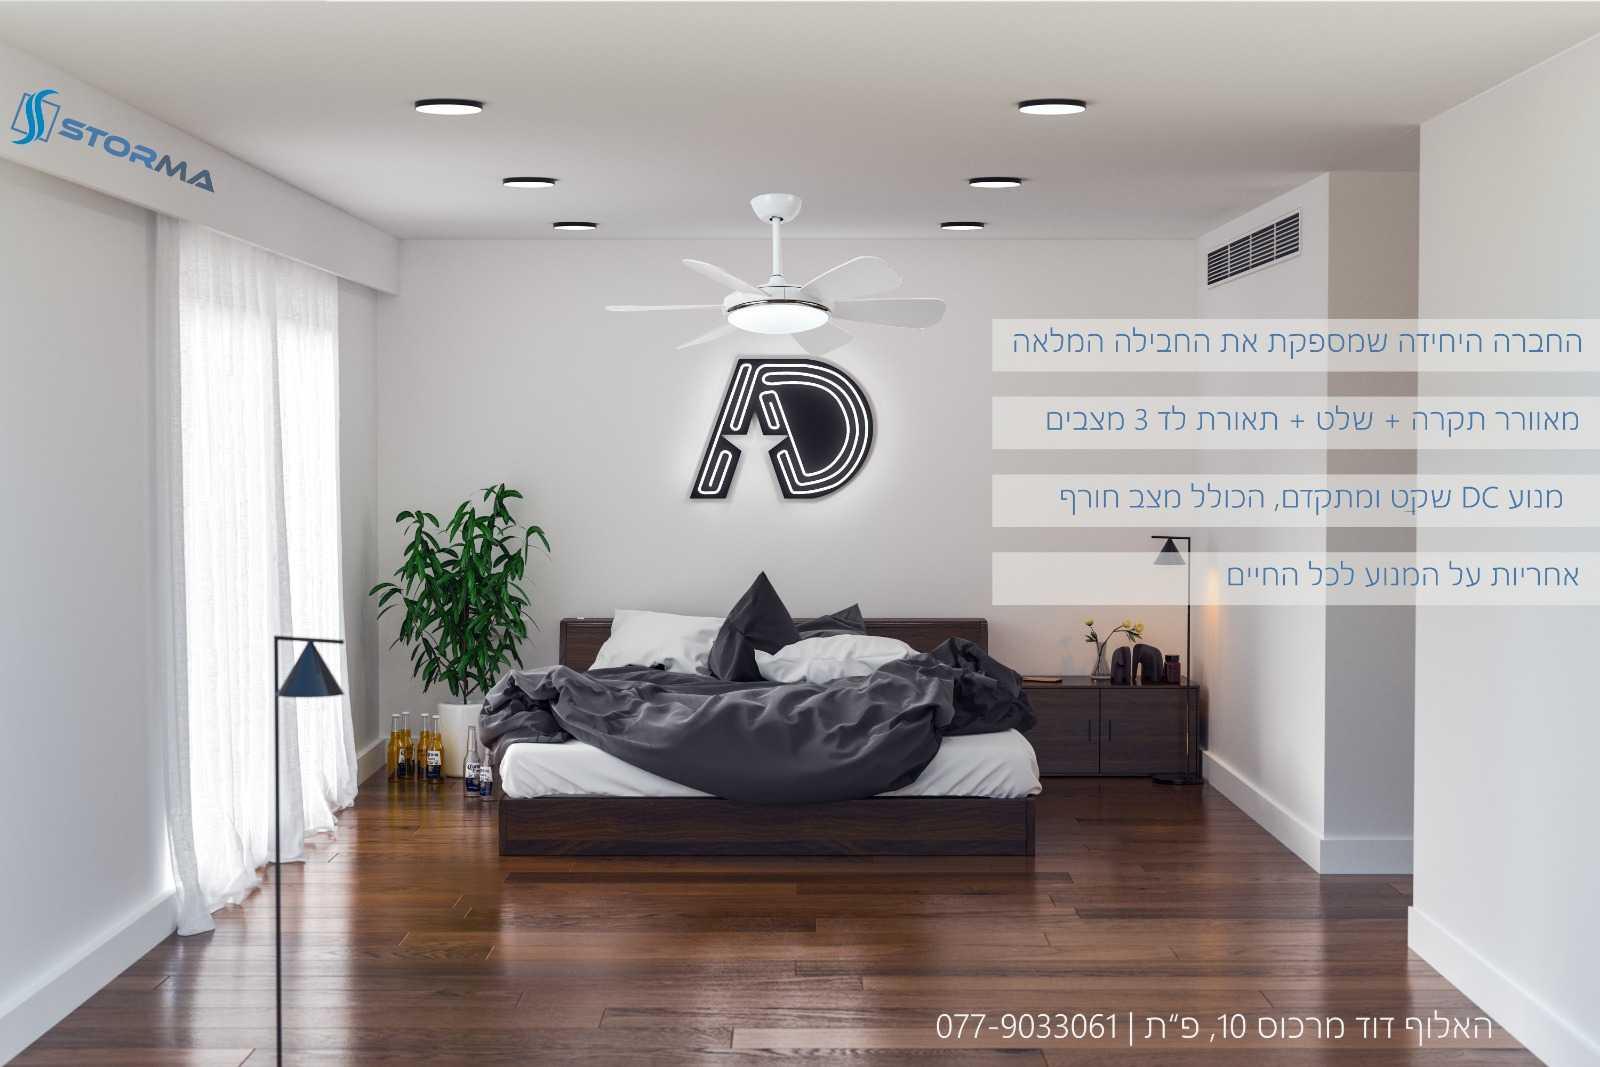 עיצוב חדר השינה עם מאוורר תקרה